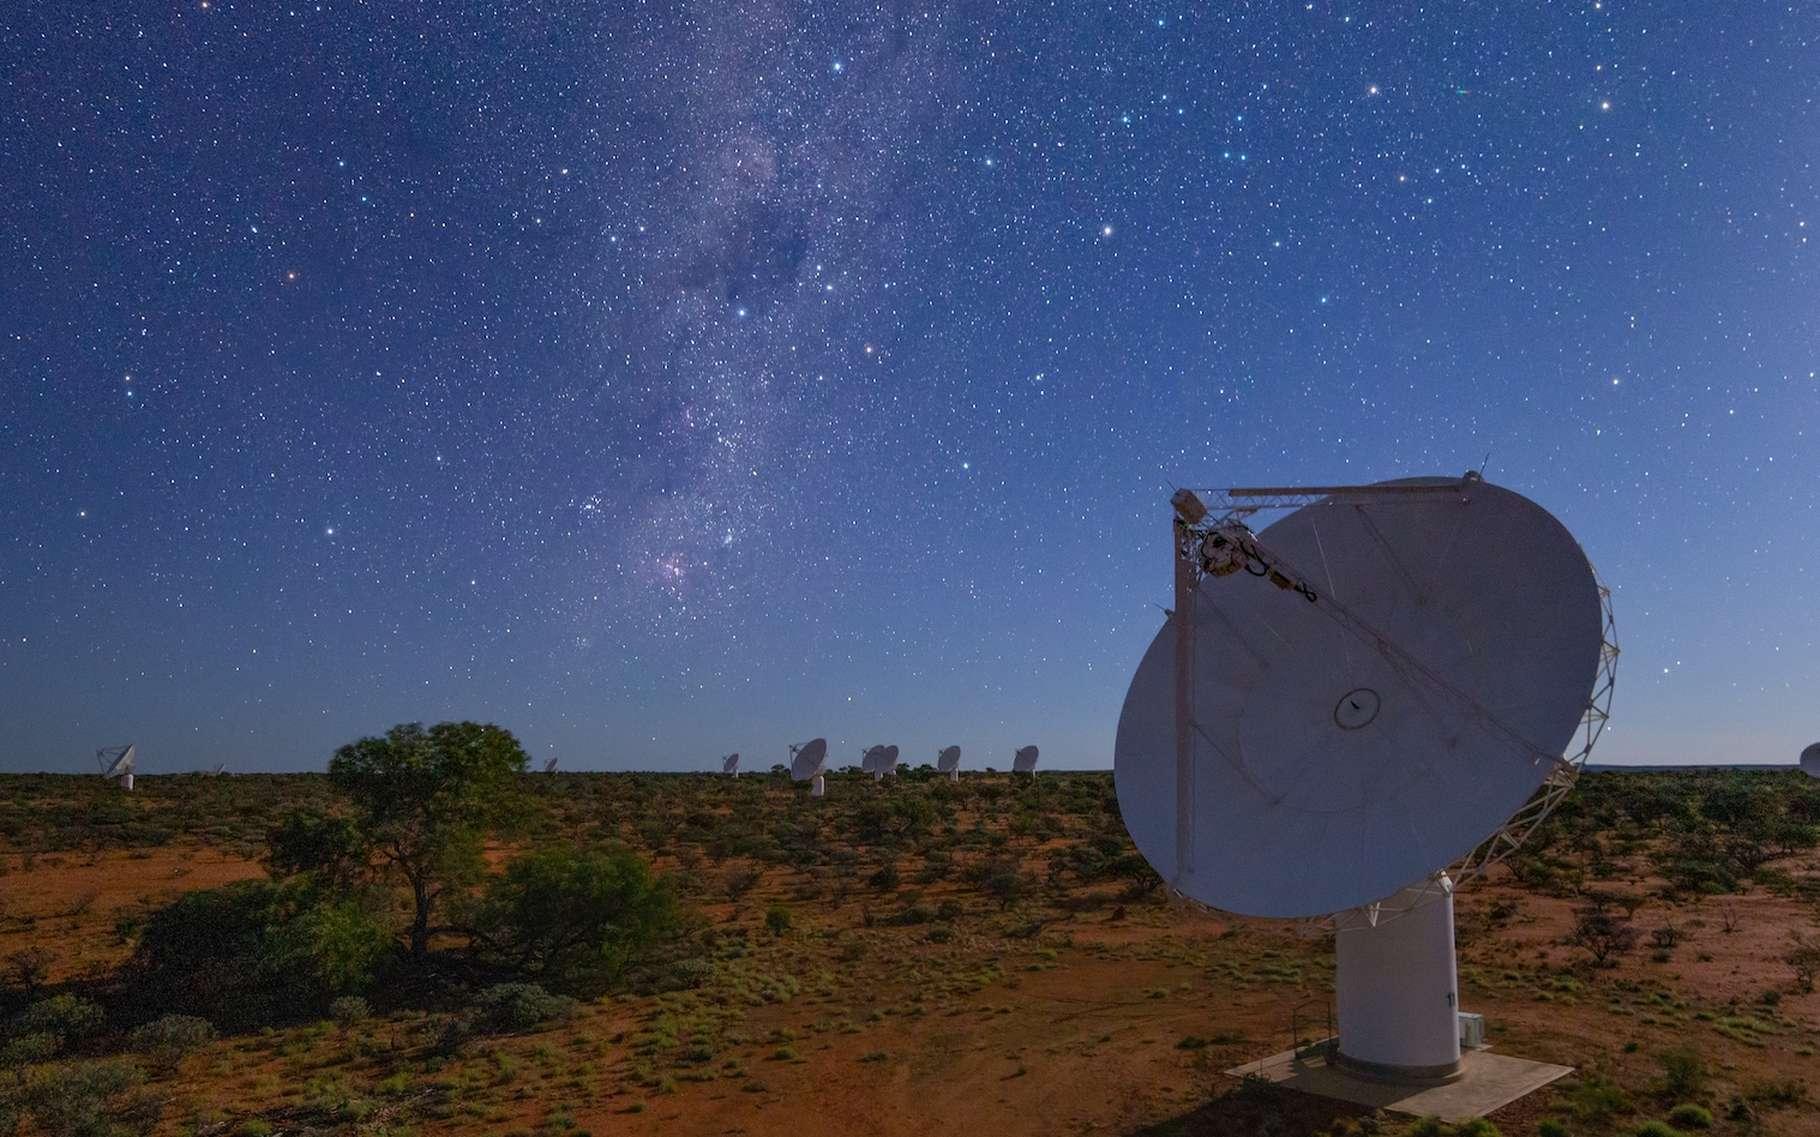 C'est grâce à l'Australian Square Kilometre Array Pathfinder, l'ASKAP (Australie) que des chercheurs sont parvenus à cartographier le ciel austral avec une précision inégalée. © CSIRO